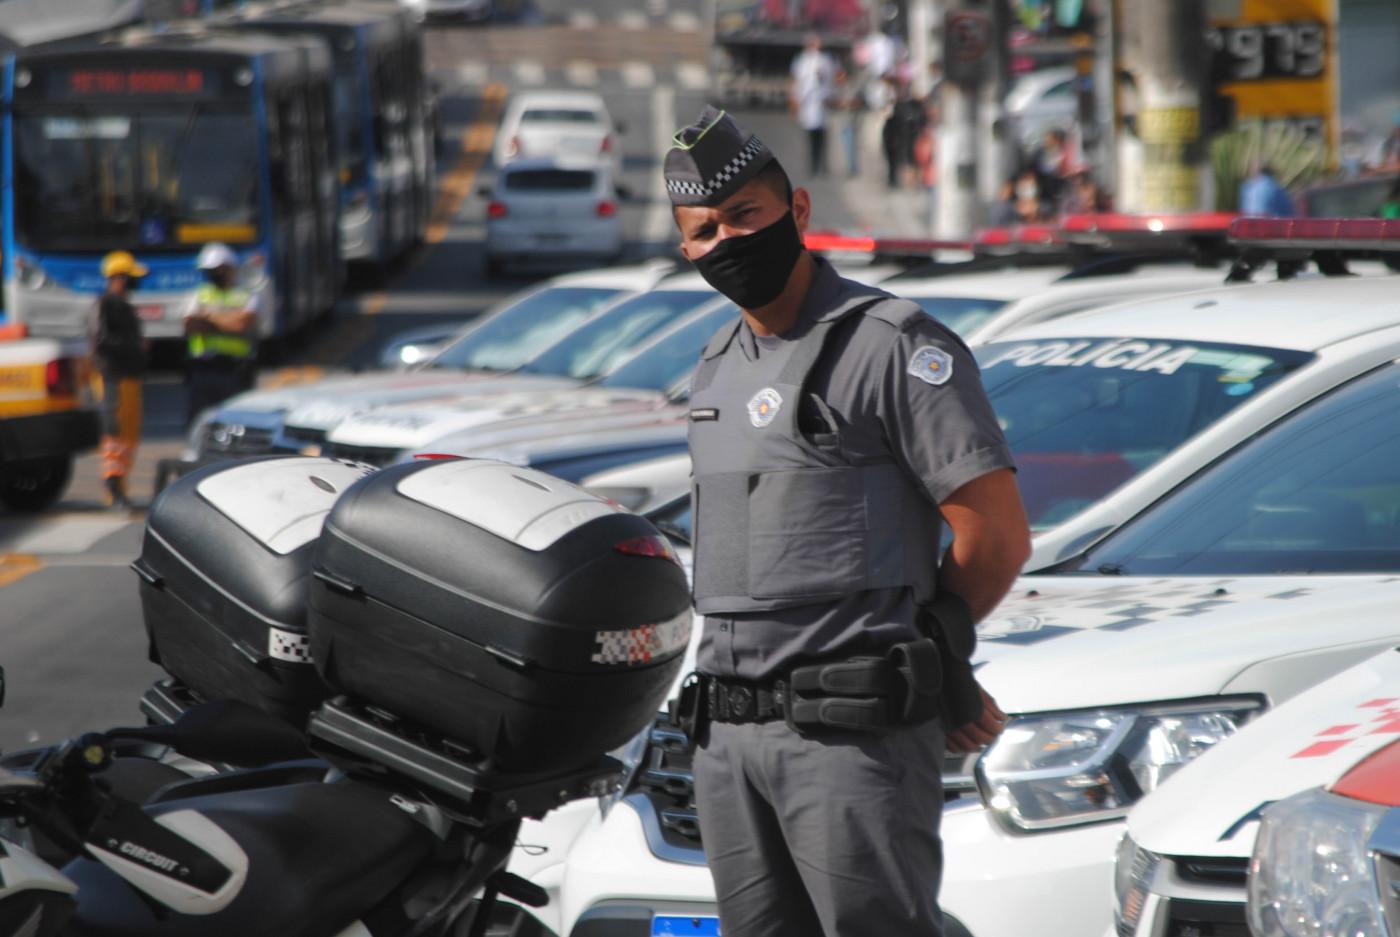 Policial militar usa uniforme da corporação e máscara de proteção preta